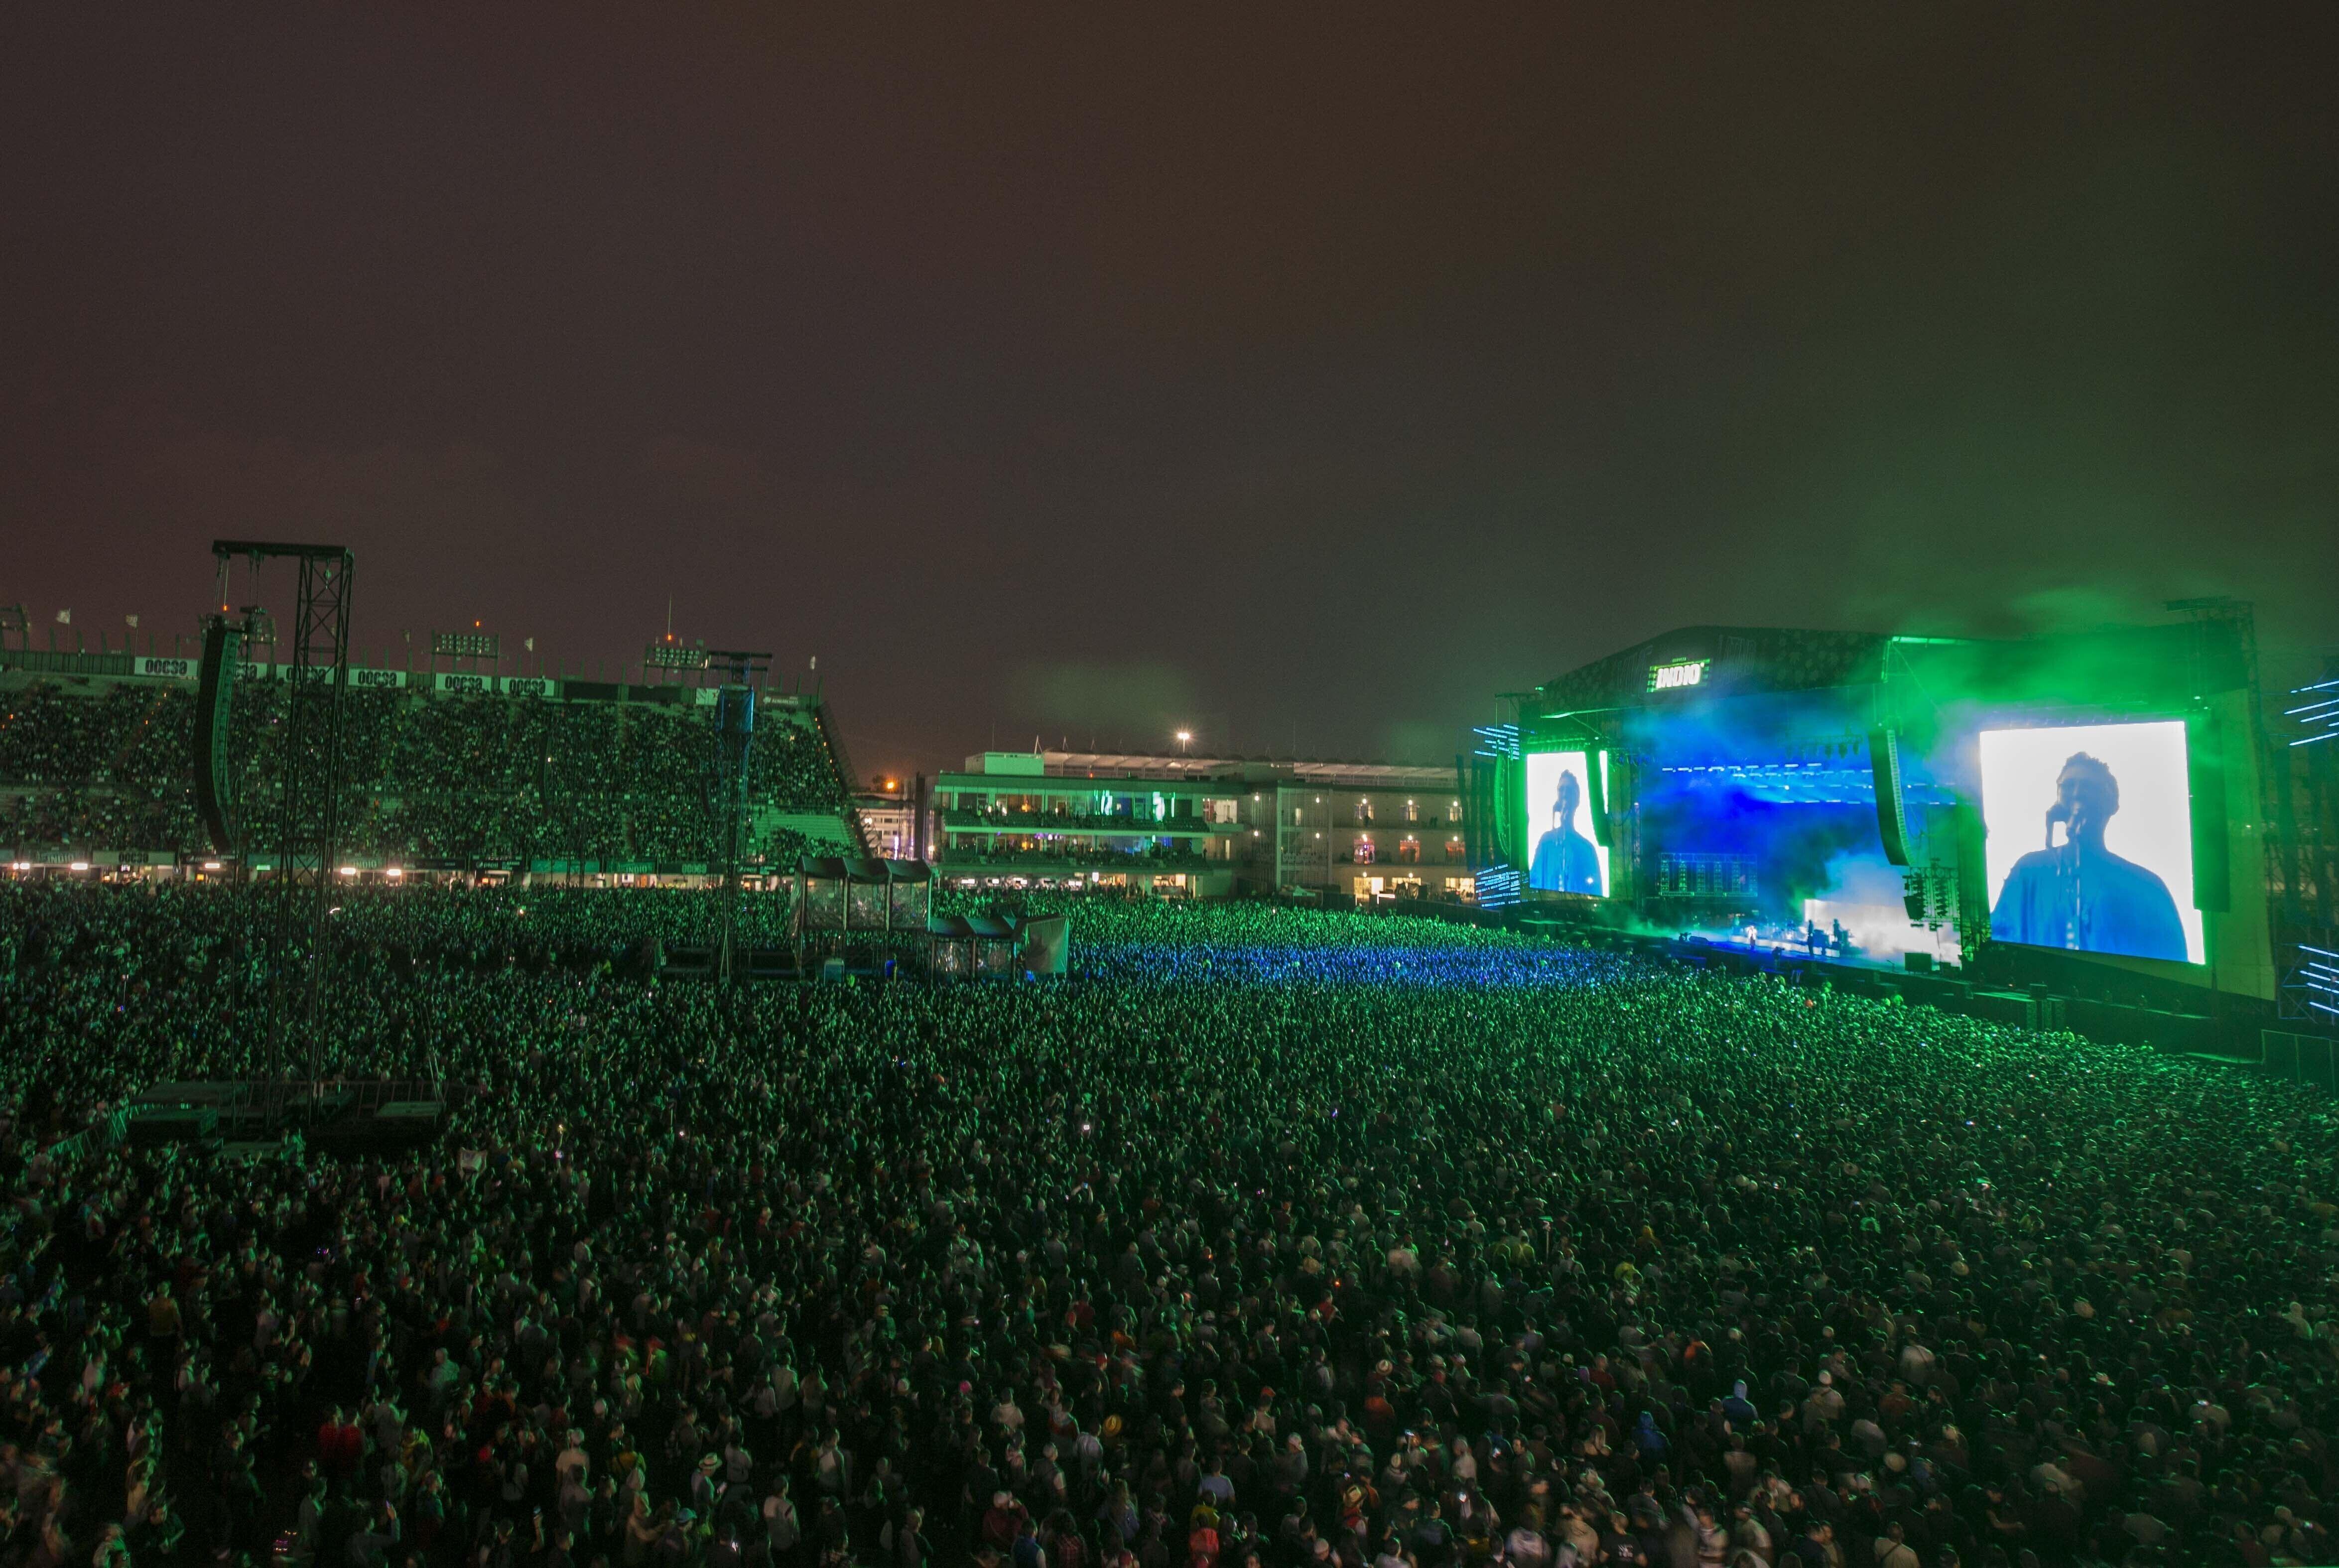 El público en el escenario principal del festival Vive Latino en la Ciudad de México en una fotografía del 15 de marzo de 2020. La empresa de entretenimiento mexicana Televisa anunció el lunes 13 de septiembre que llegó a un acuerdo con la estadounidense Live Nation y CIE para continuar con la venta de su posición accionaria en la compañía de espectáculos en vivo Ocesa.